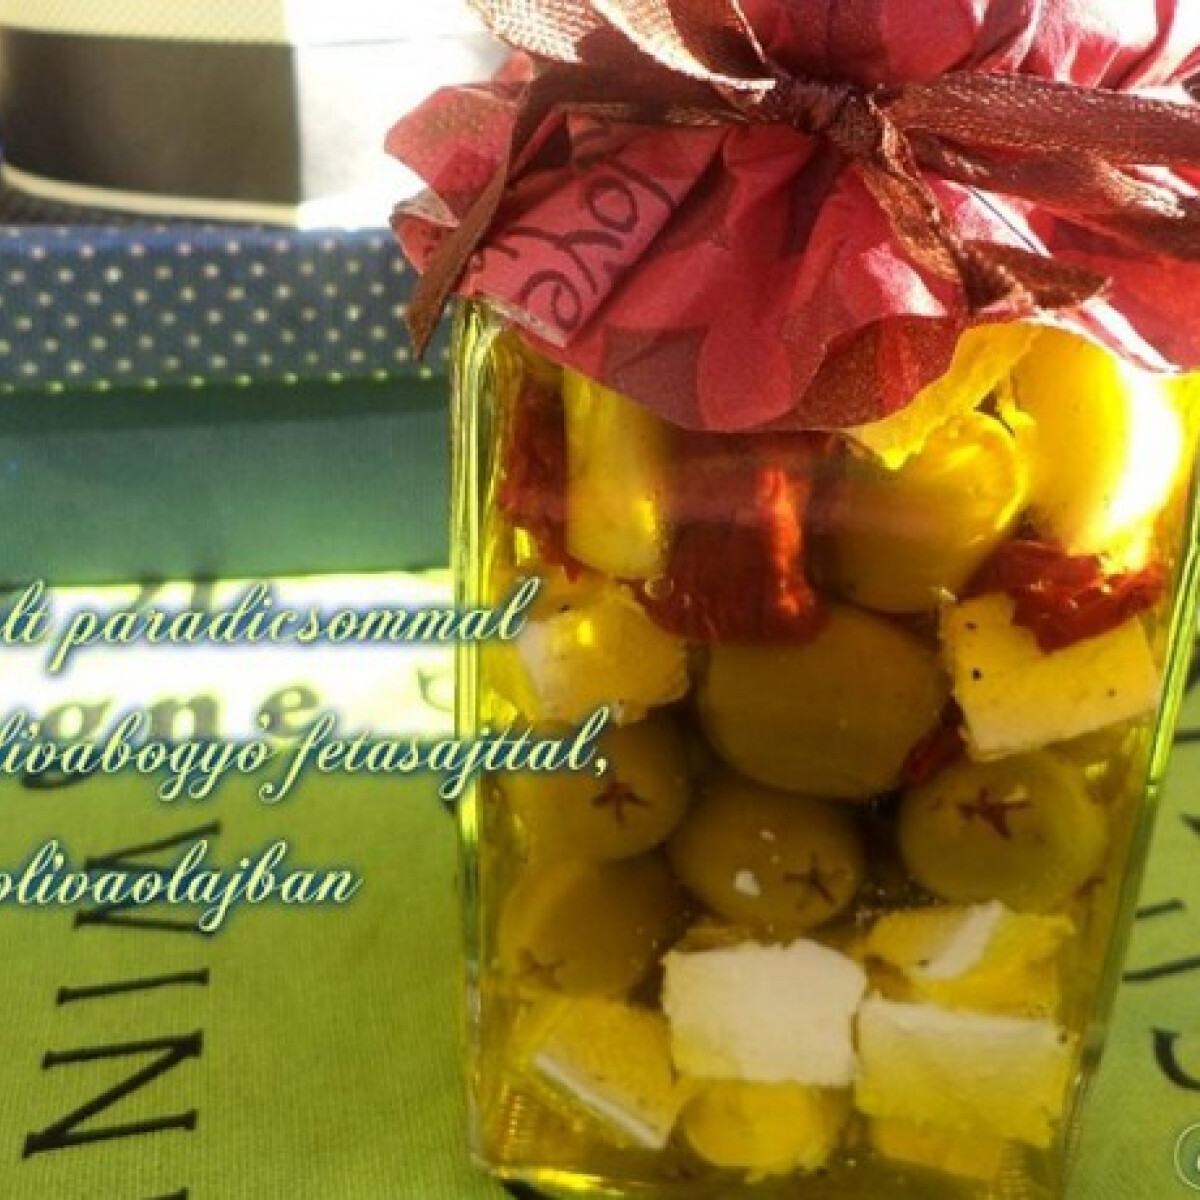 Aszalt paradicsommal töltött olívabogyó feta sajttal